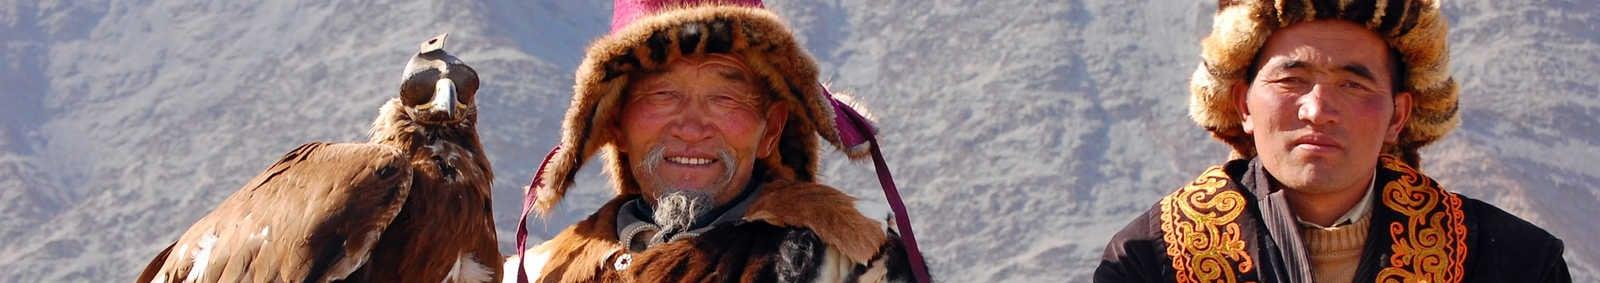 Kazakh eagle hunters